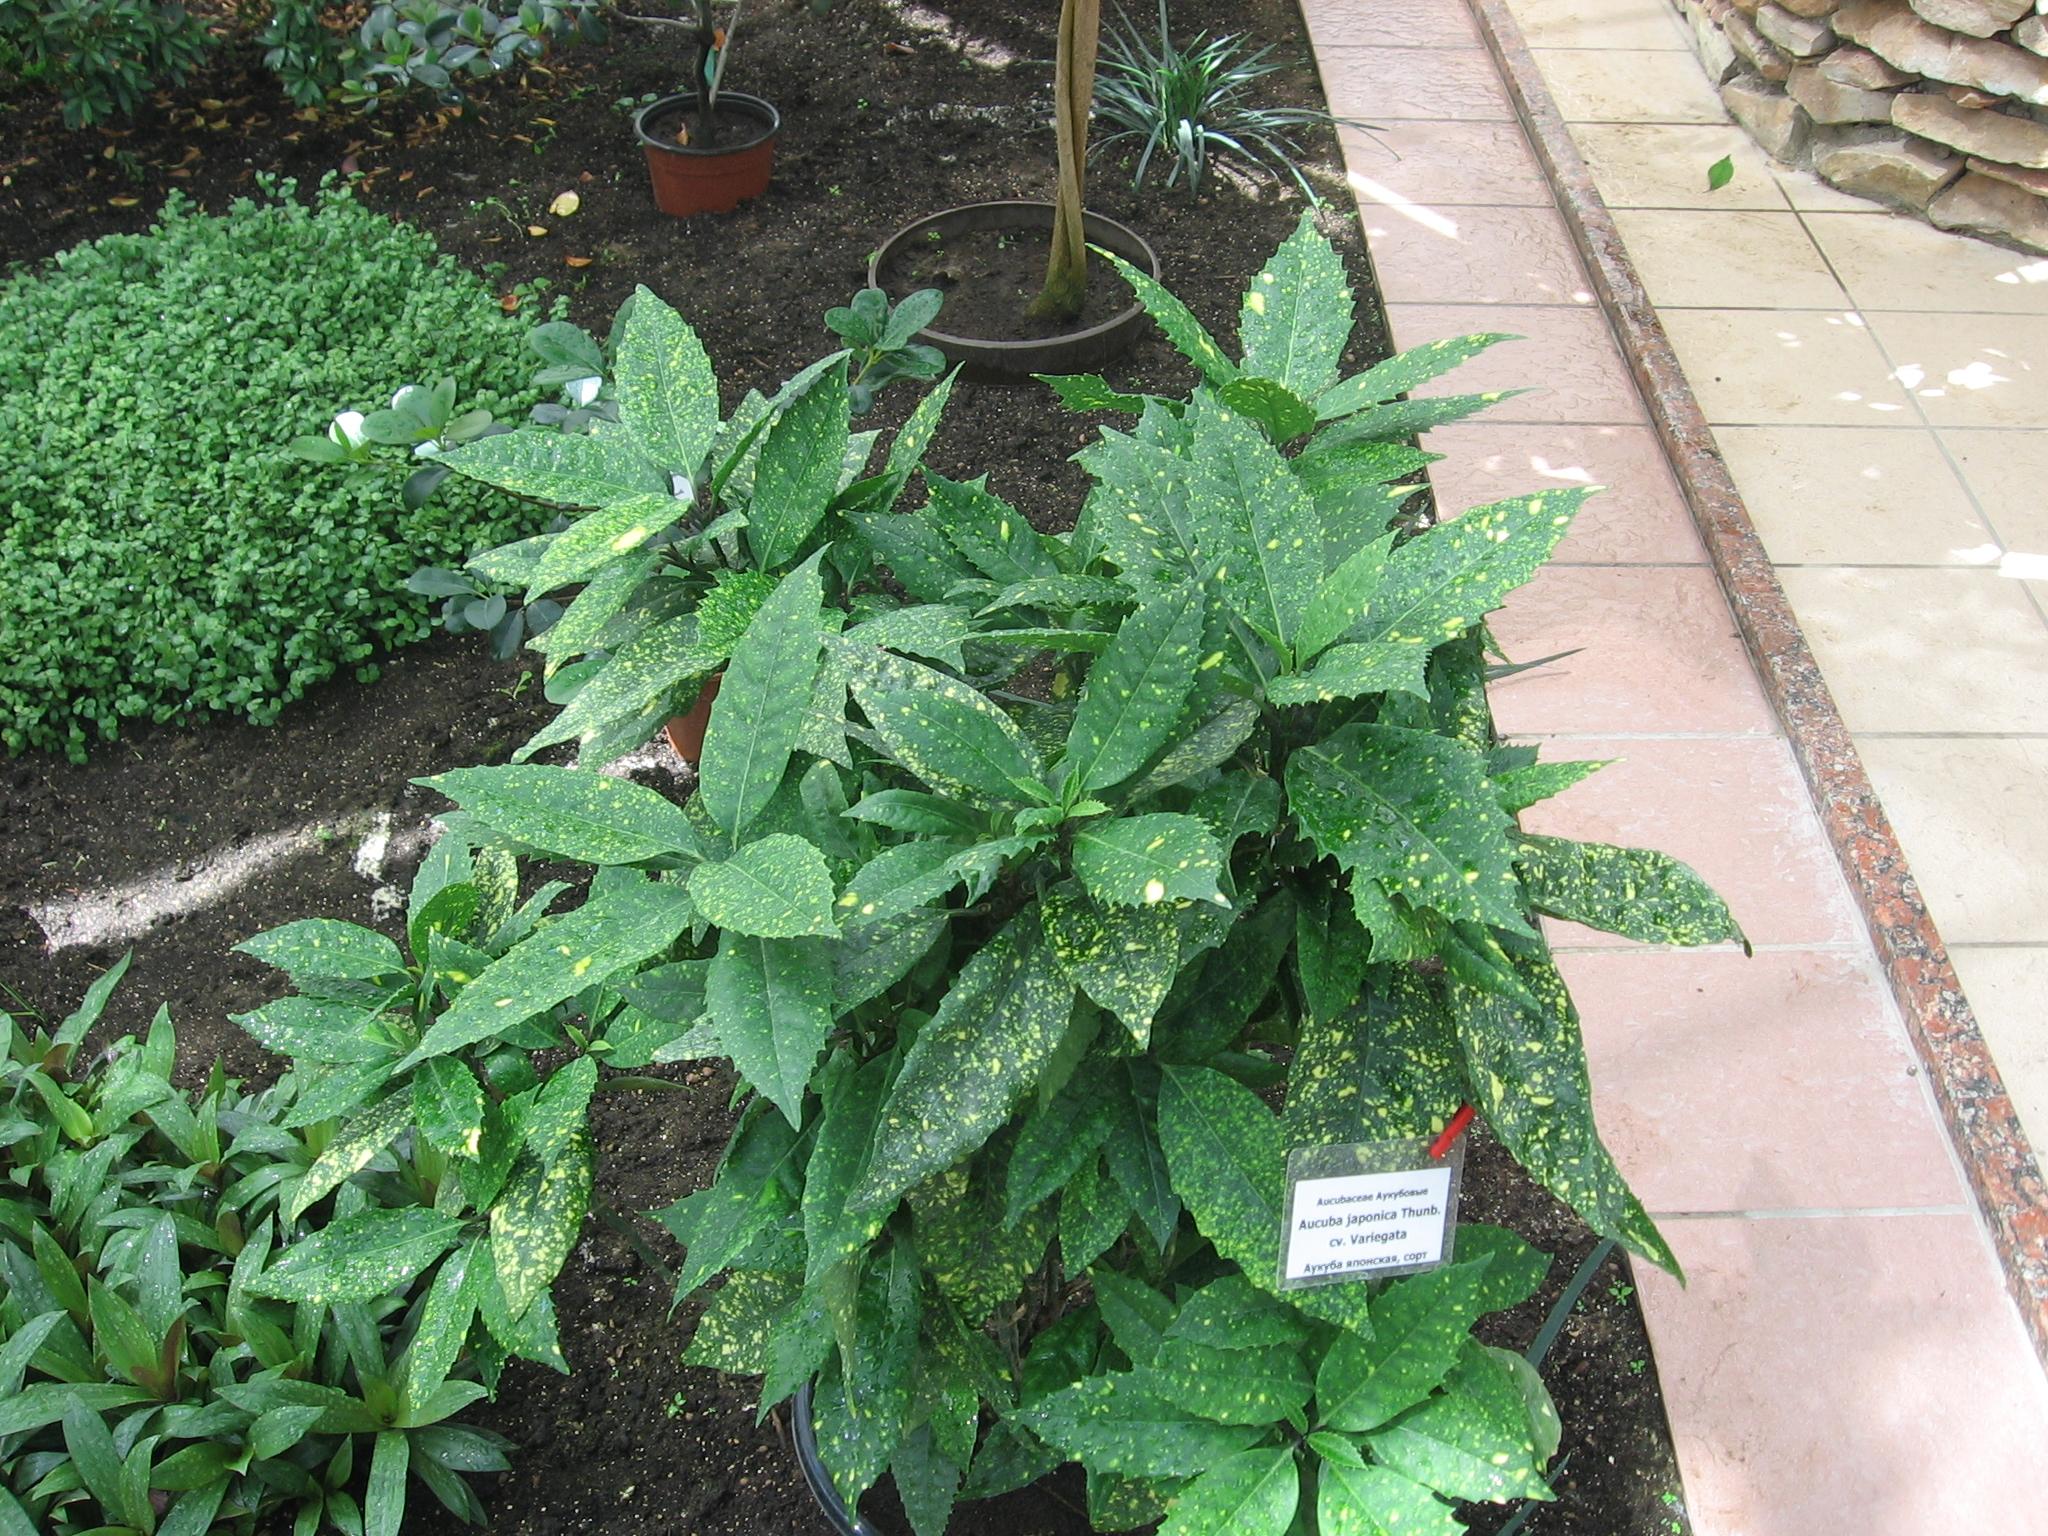 file aucuba japonica 39 variegata 39 in botanical garden. Black Bedroom Furniture Sets. Home Design Ideas